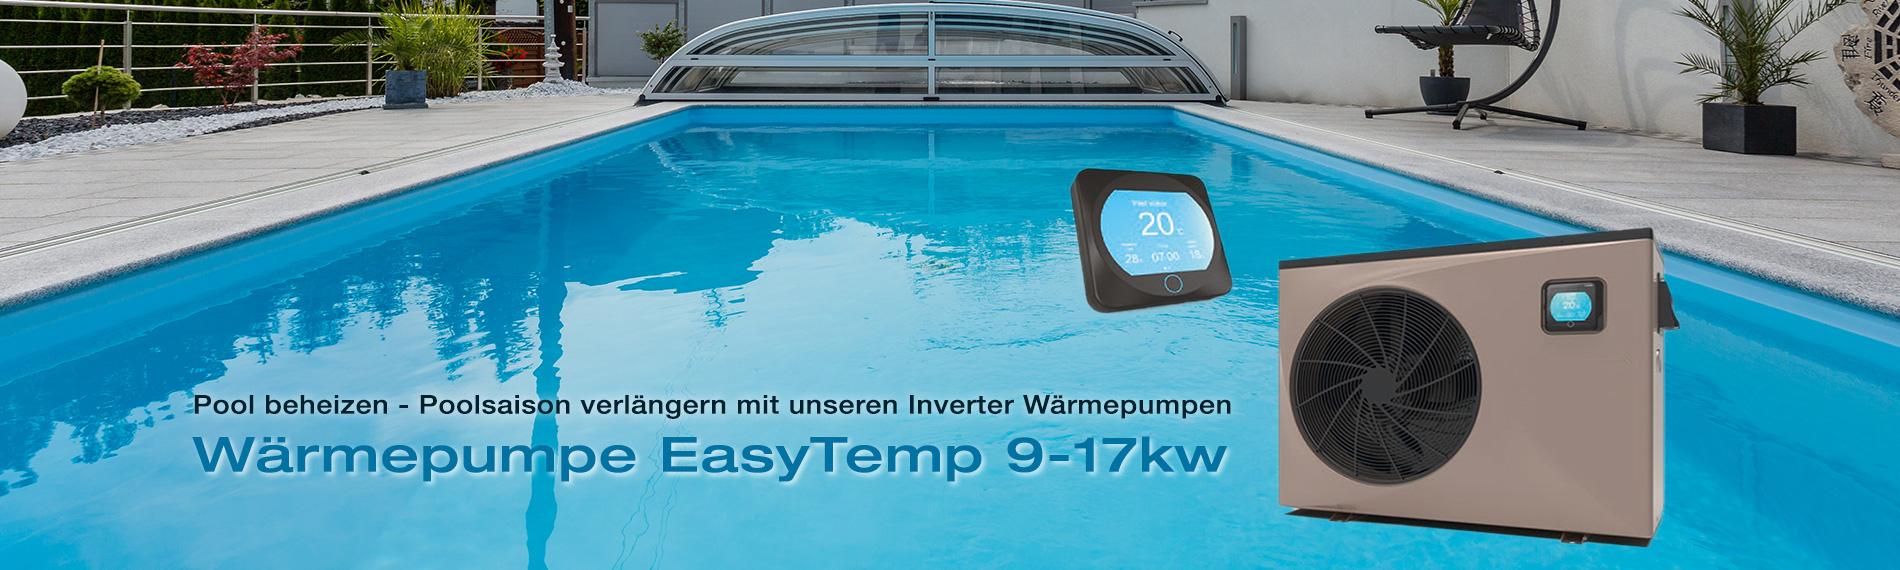 poolheizung waermepumpe hayward easytemp inverter